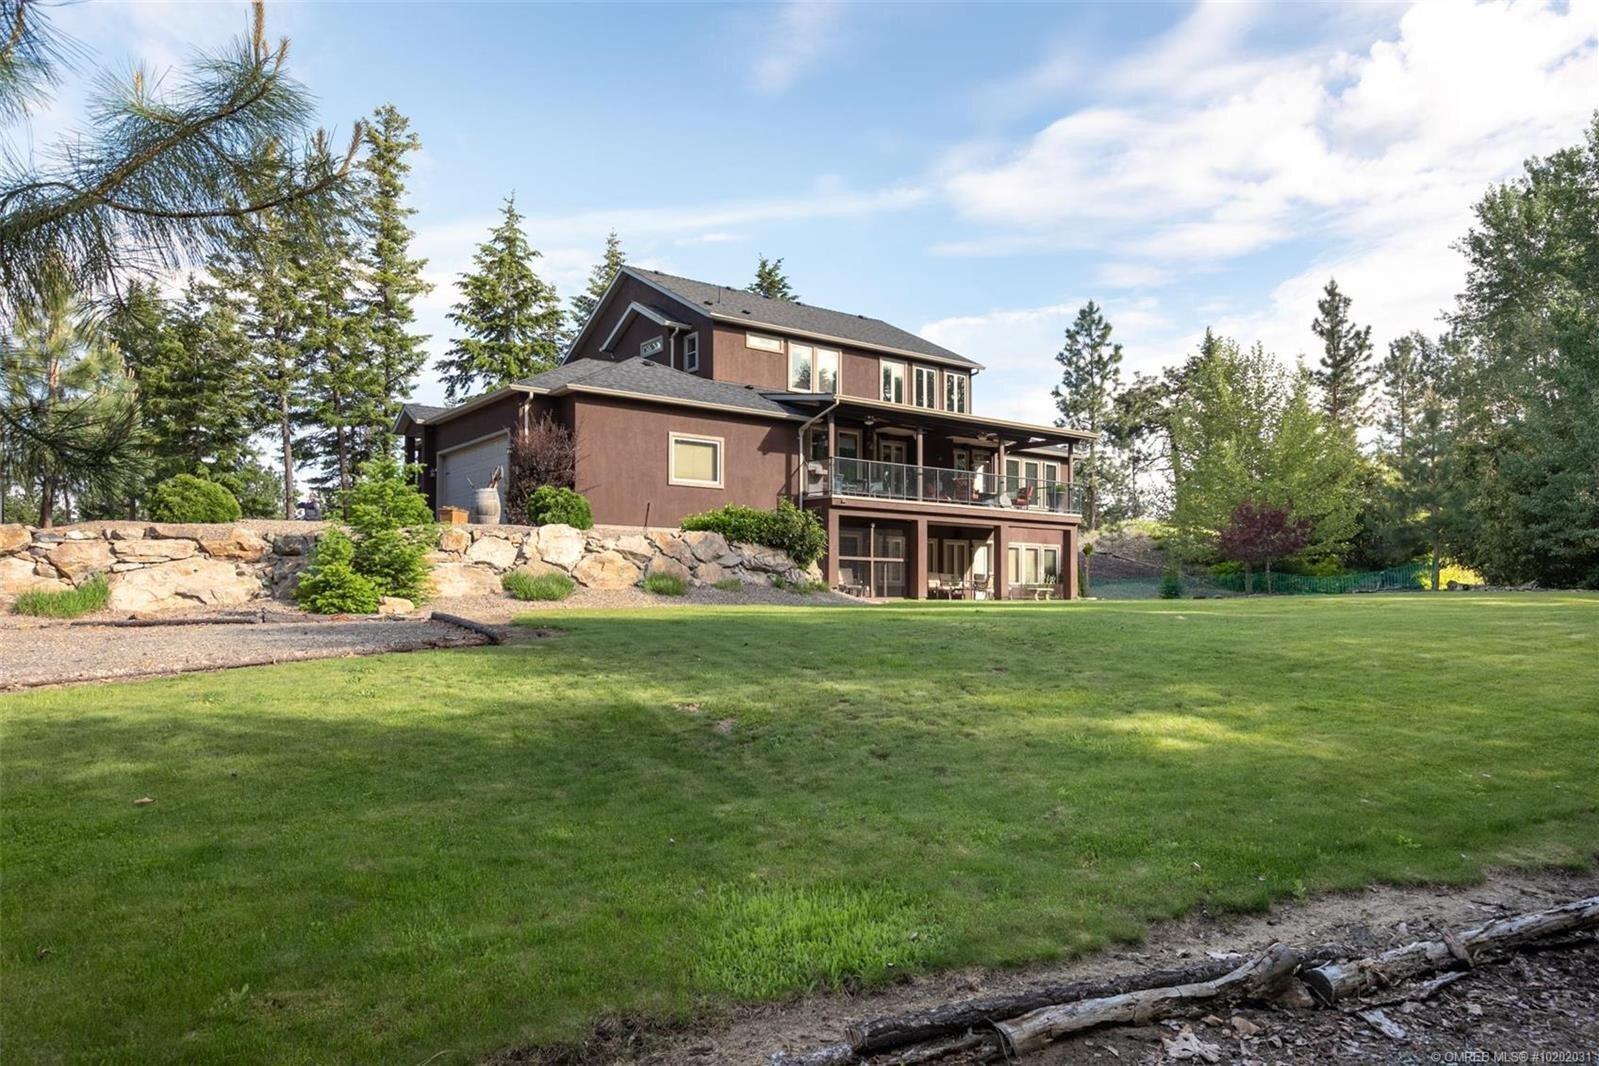 House for sale at 2575 Harvard Rd Kelowna British Columbia - MLS: 10202031